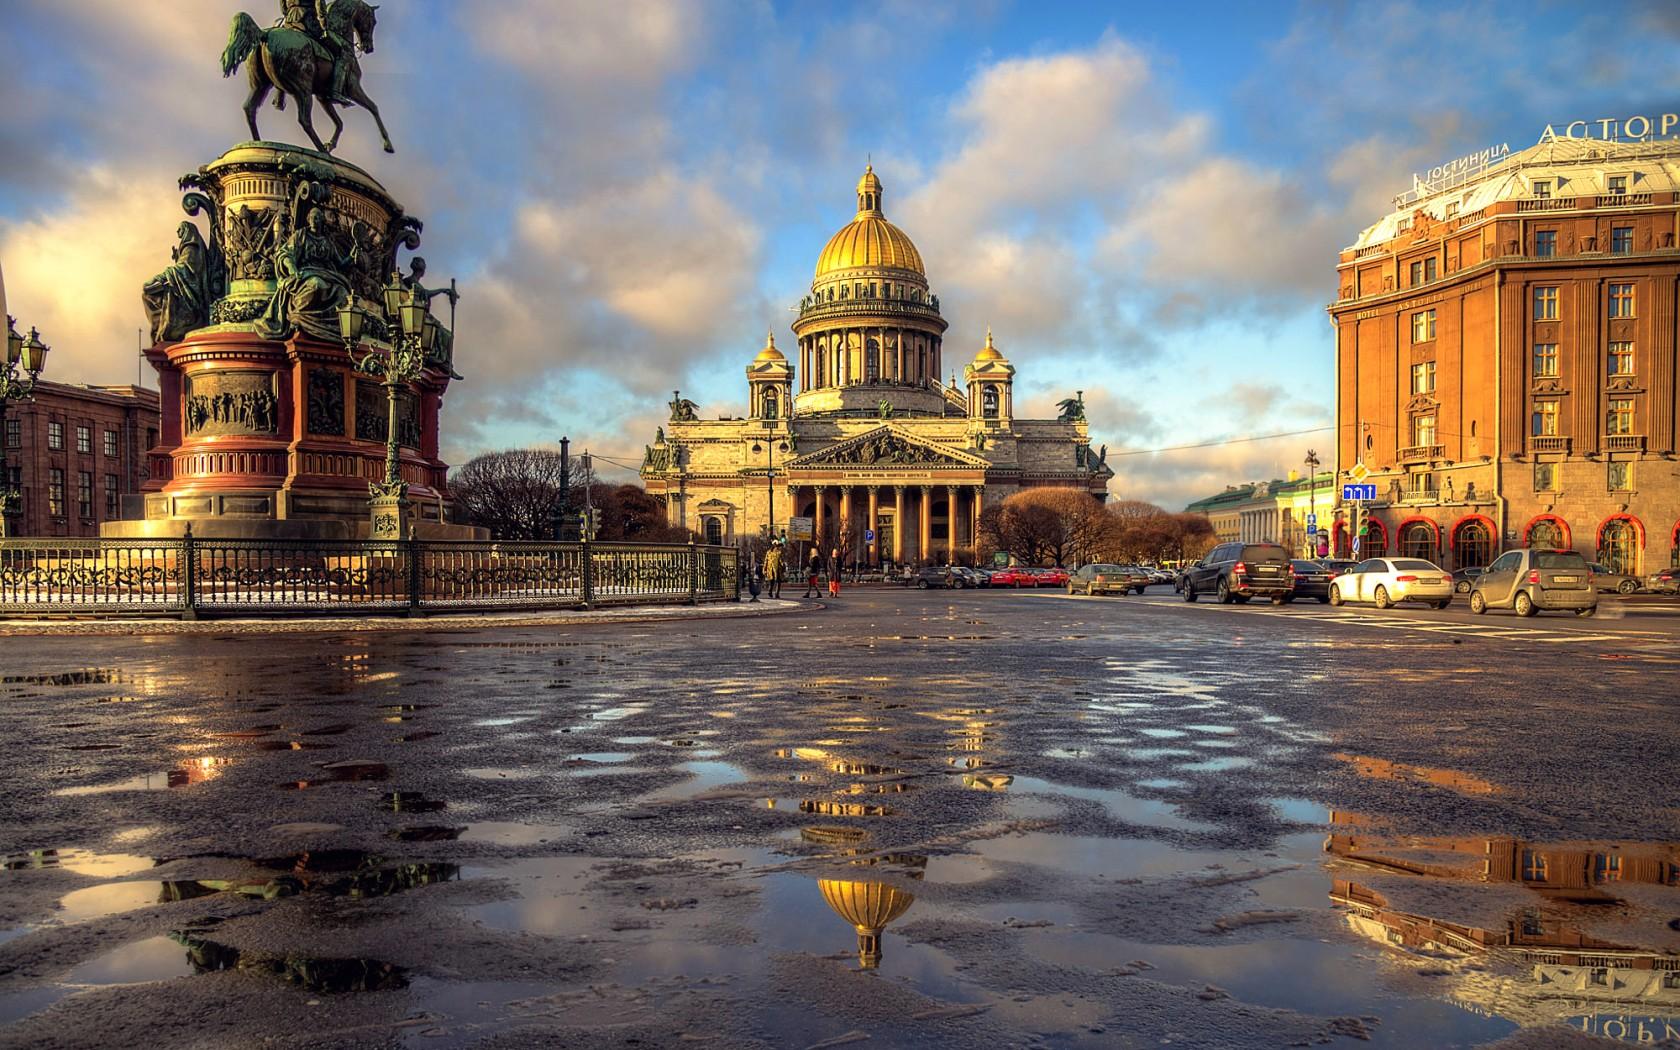 Северский центр занятости приглашает на видео-собеседование с работодателями из Санкт-Петербурга